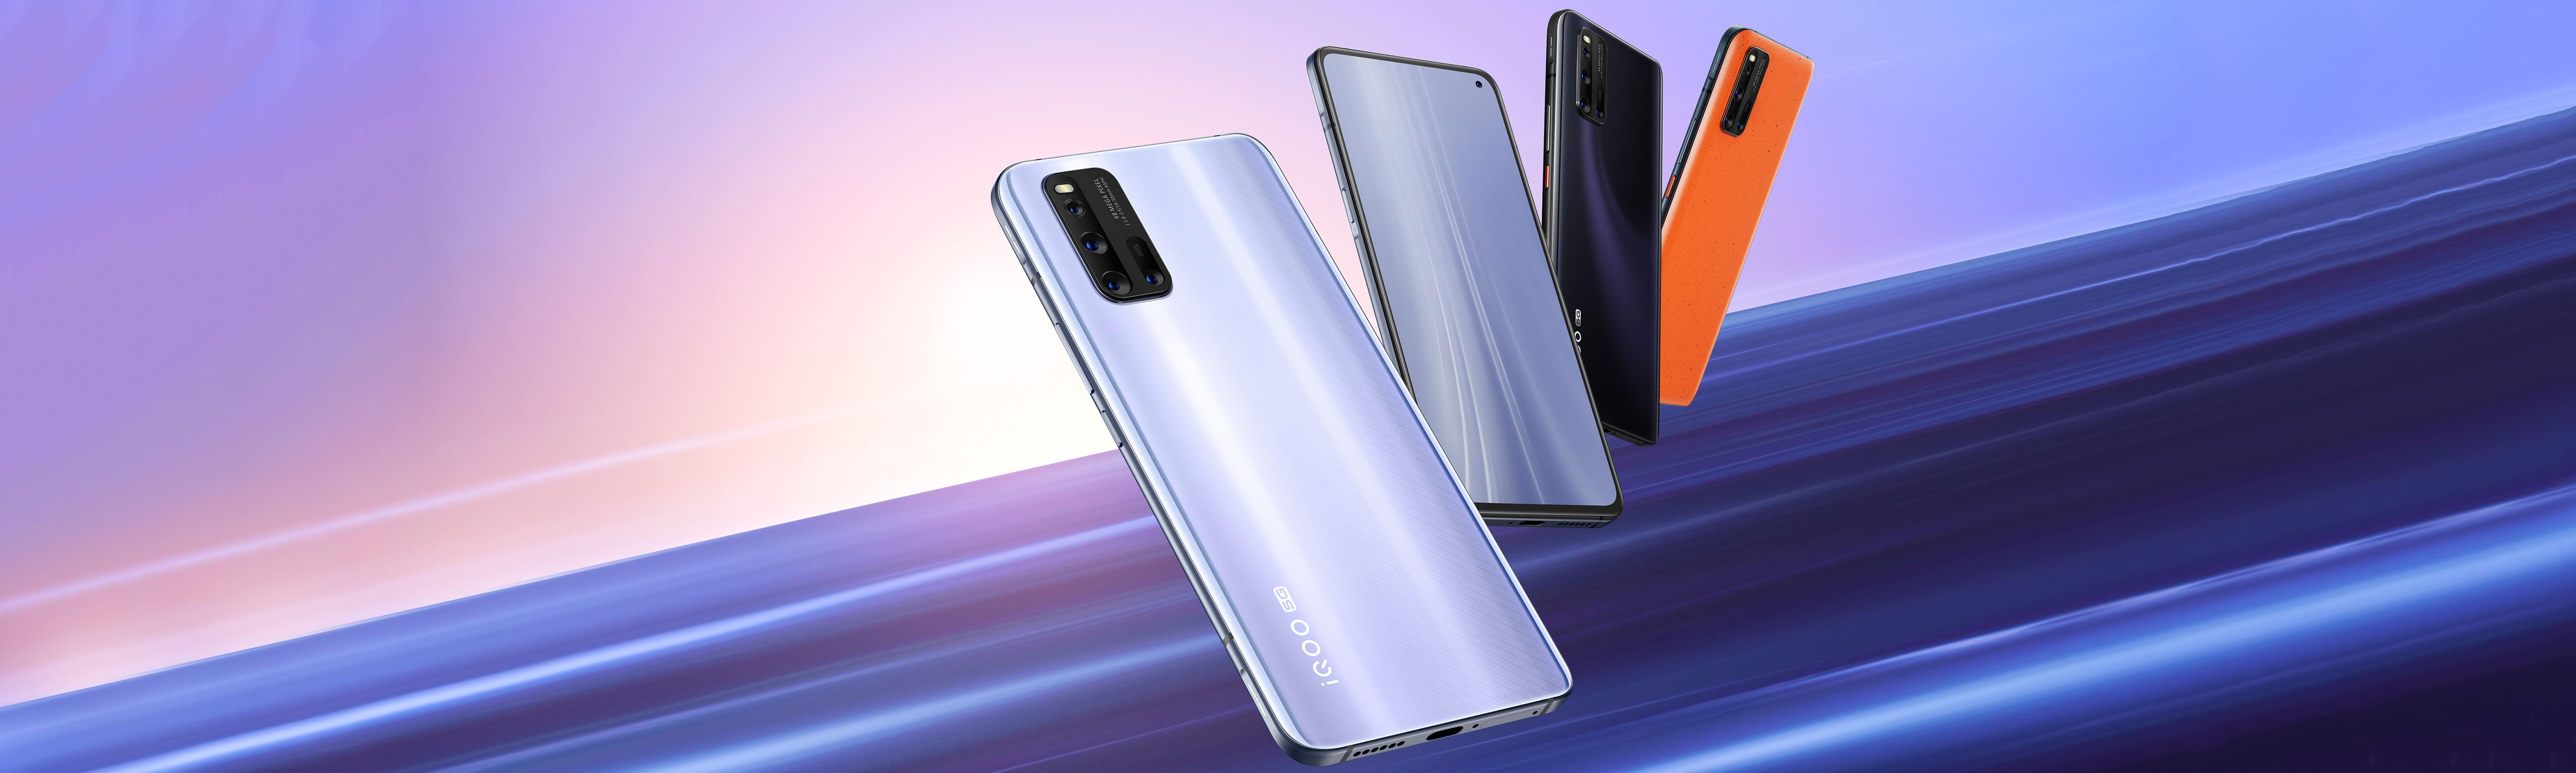 smartfon Vivo iQOO 3 5G